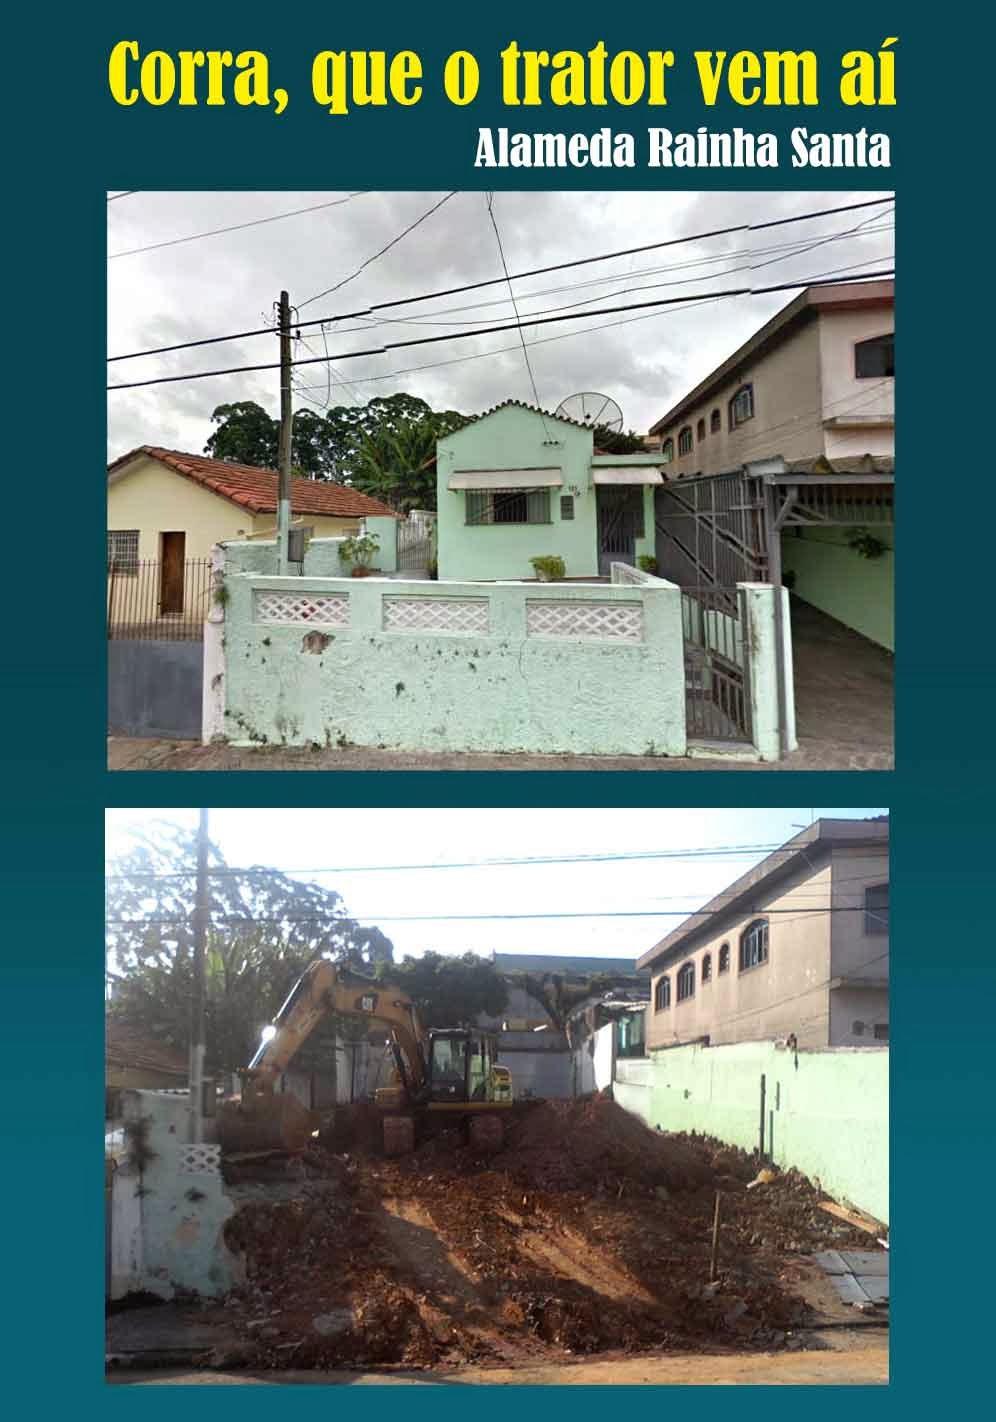 Vila Santa Isabel, Zona Leste de São Paulo, história de São Paulo, Monsenhor Ciro Turino, Vila Formosa, Vila Carrão